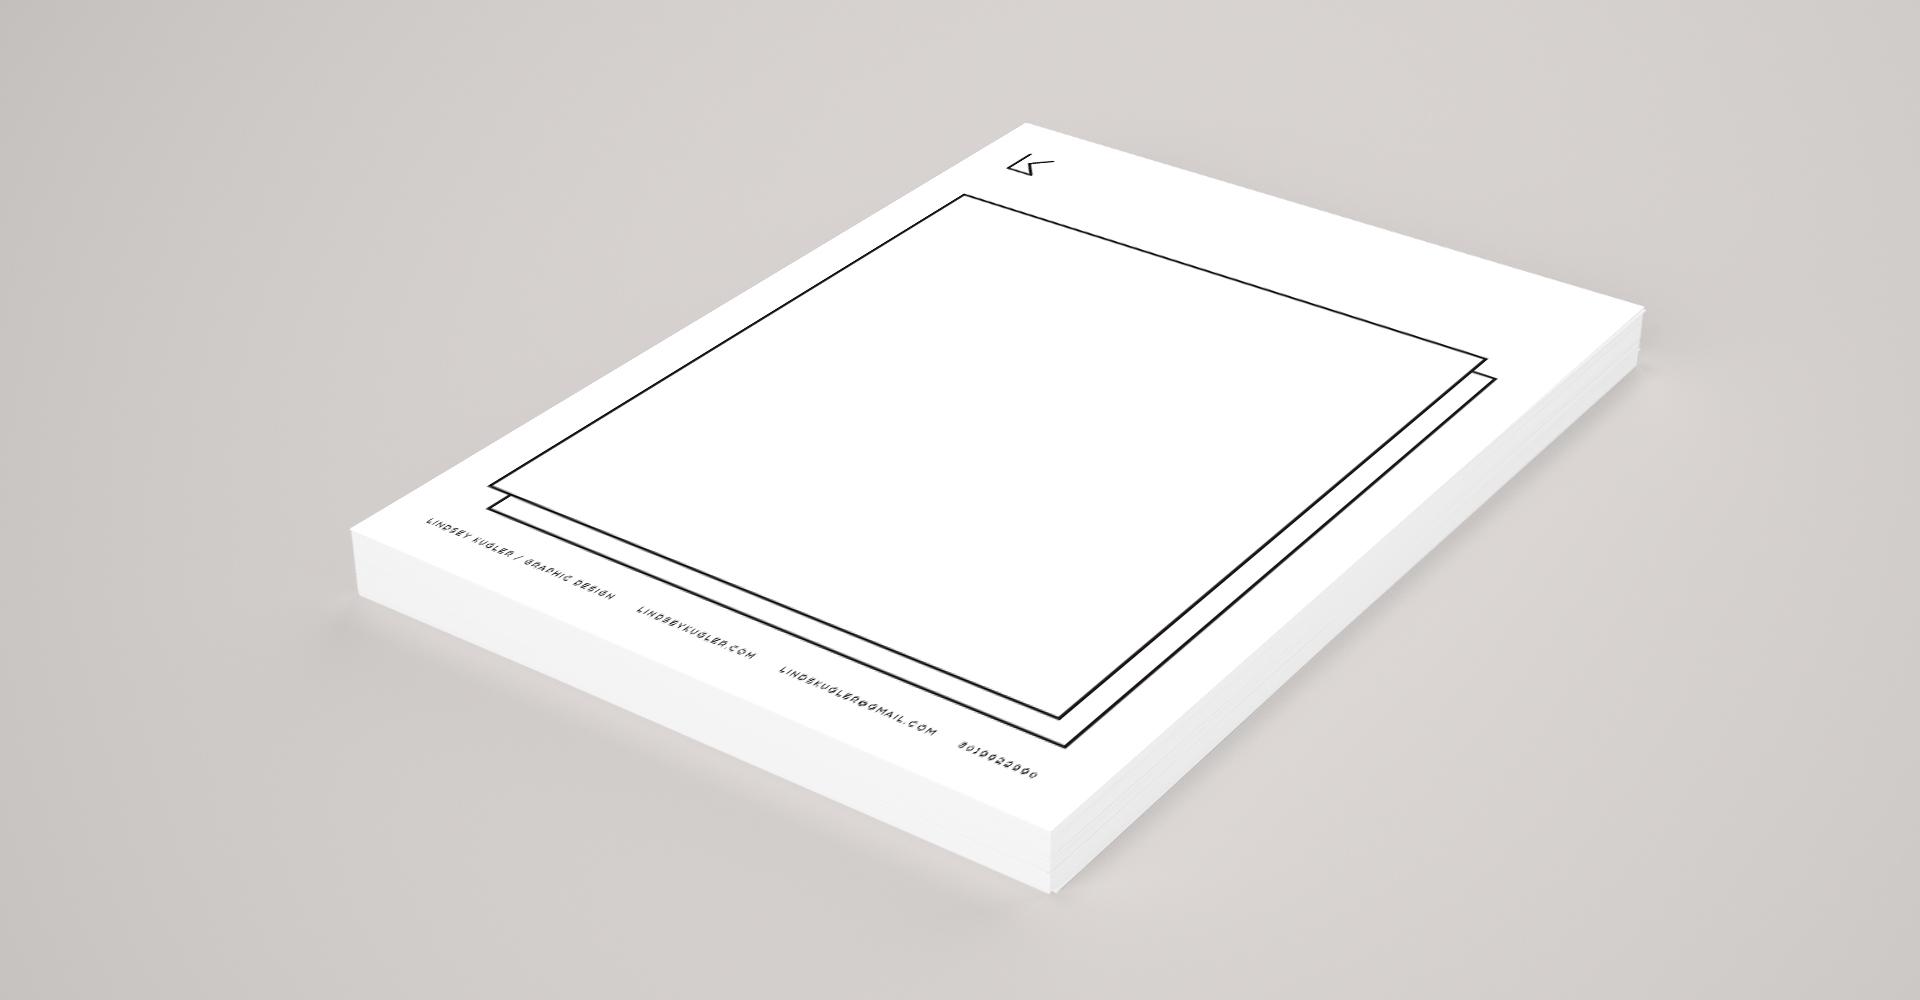 lk_letterhead_front copy.jpg